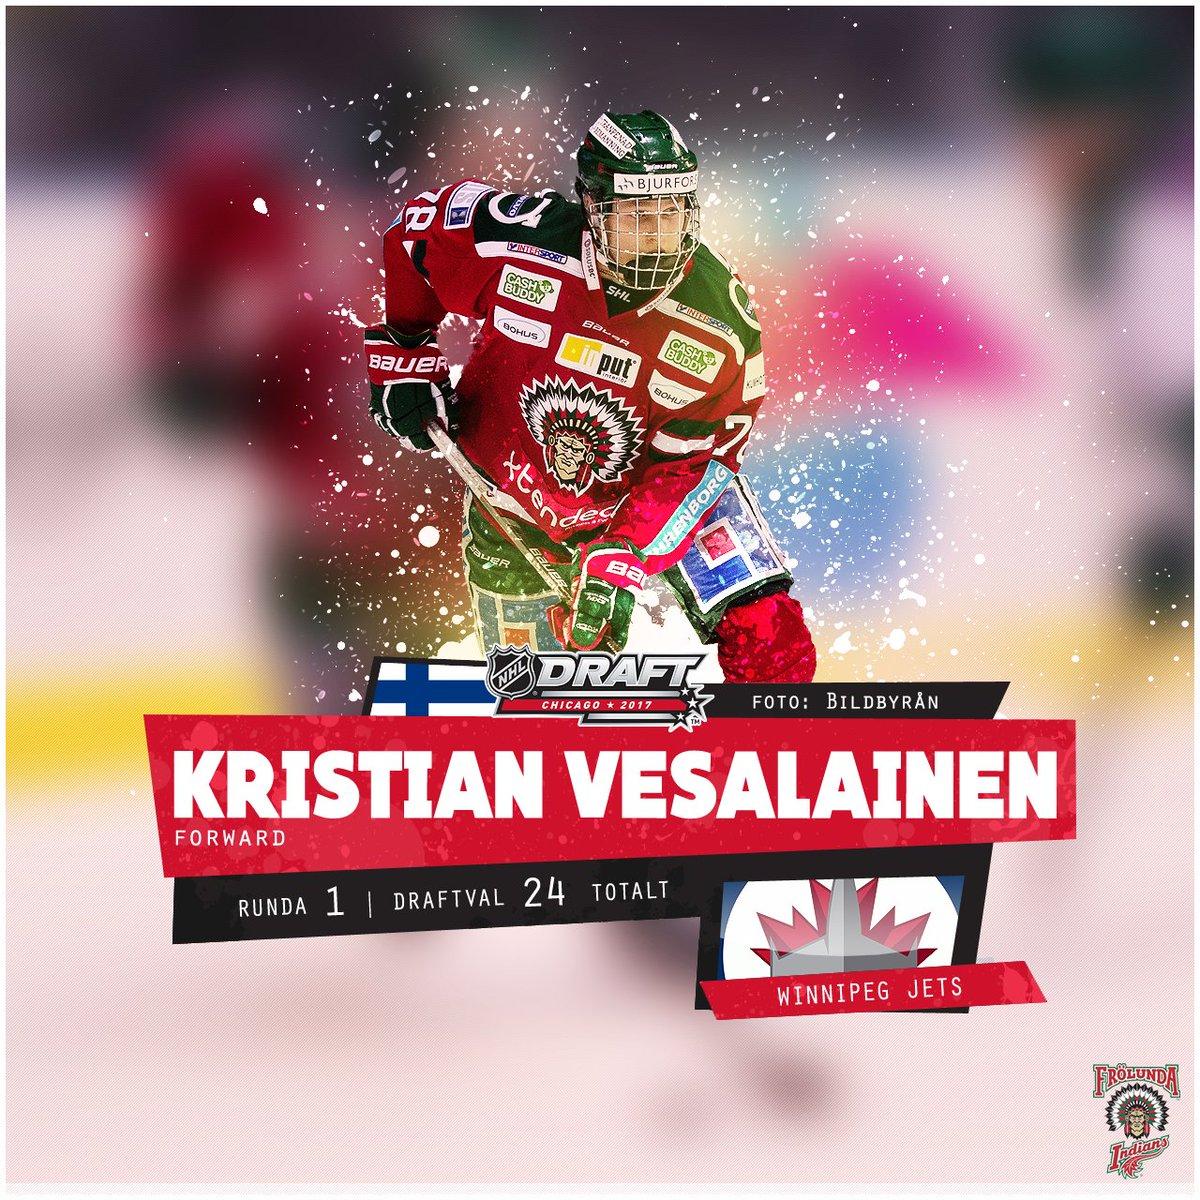 Kristian Vesalainen plockas, i draftens 24:e val totalt, utav Winnipeg...